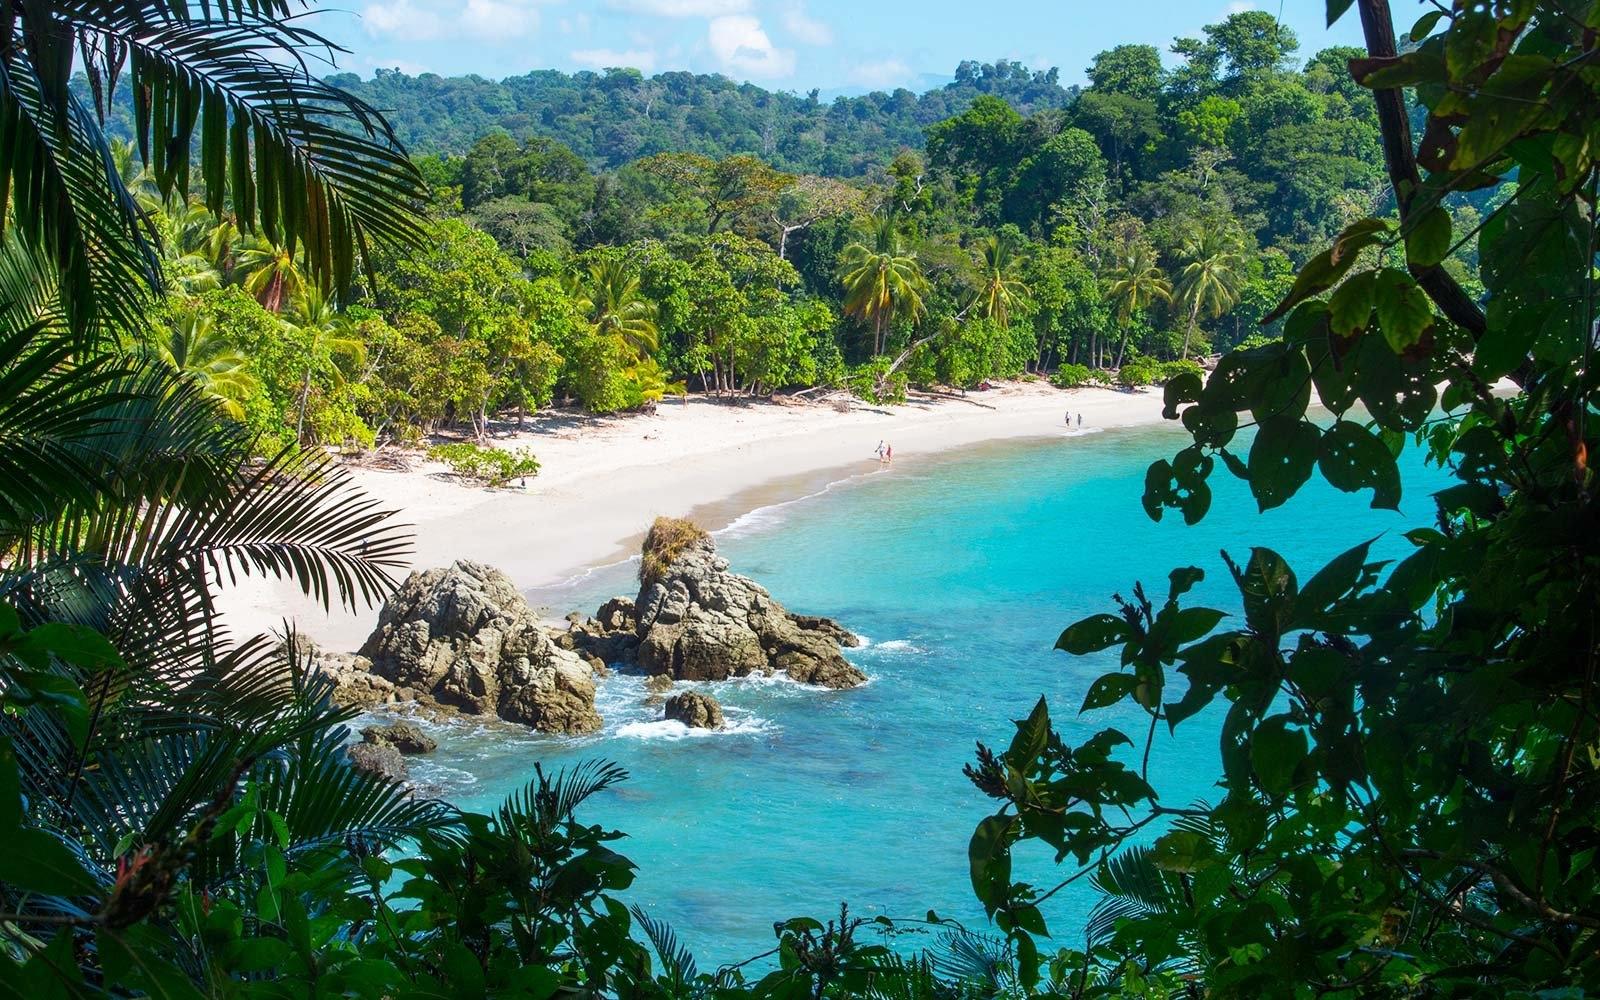 Республика Коста-Рика находится в Центральной Америке